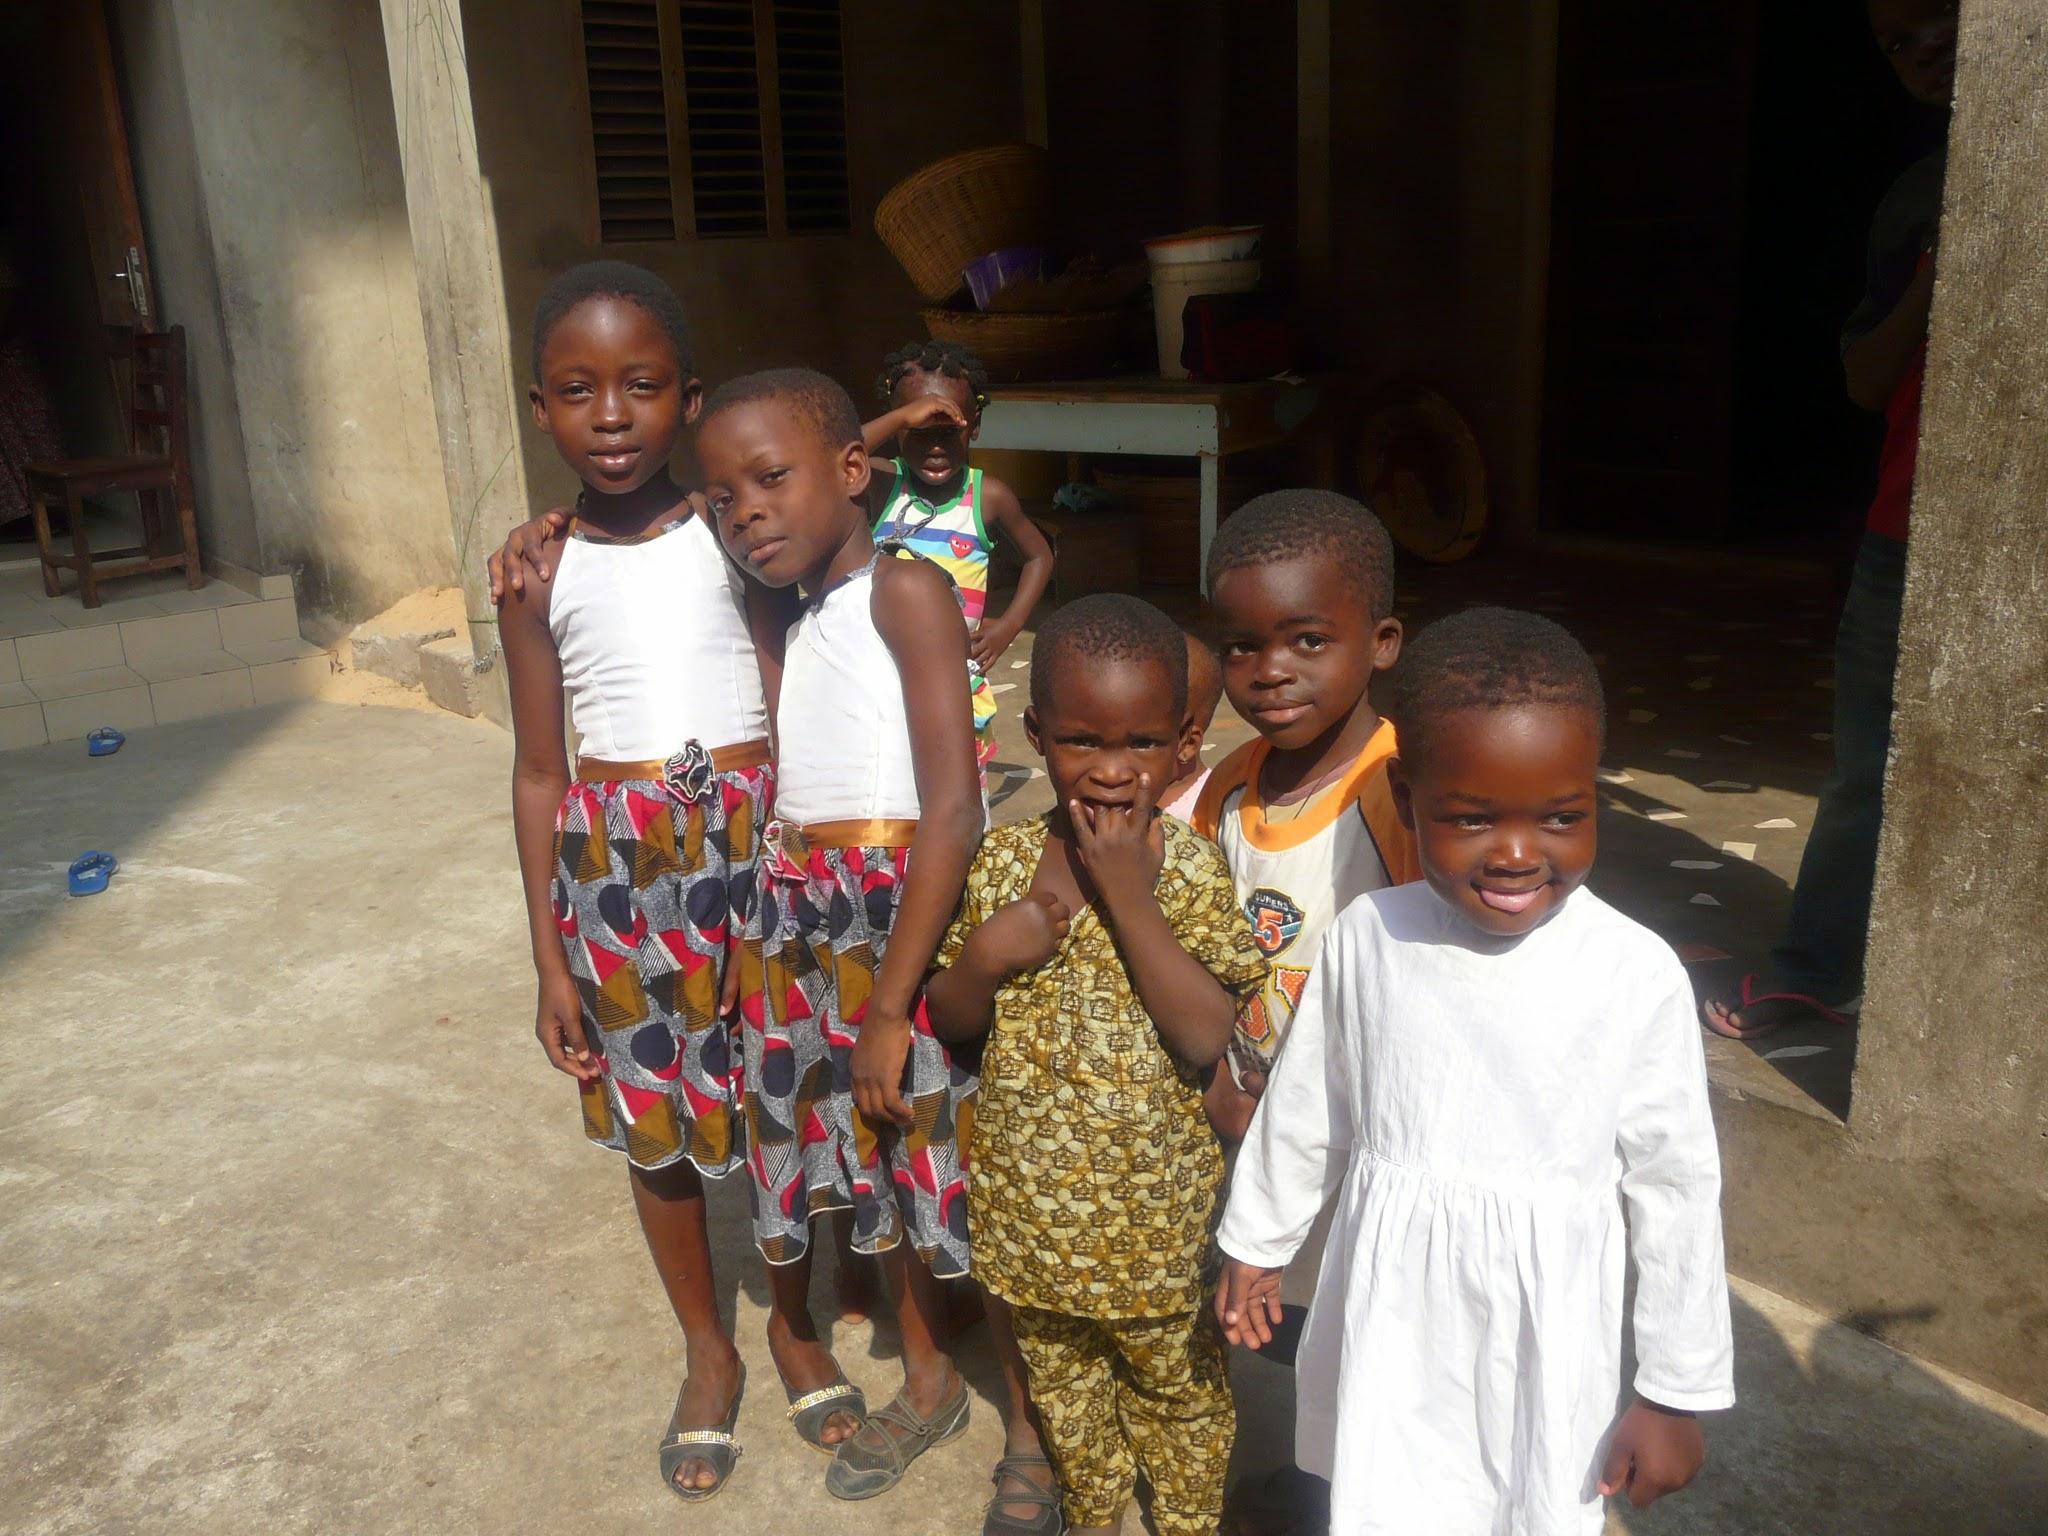 Photo: Notre habituelle 1ère visite a lieu chez Pierrette où nous retrouvons nos 3 filleules...